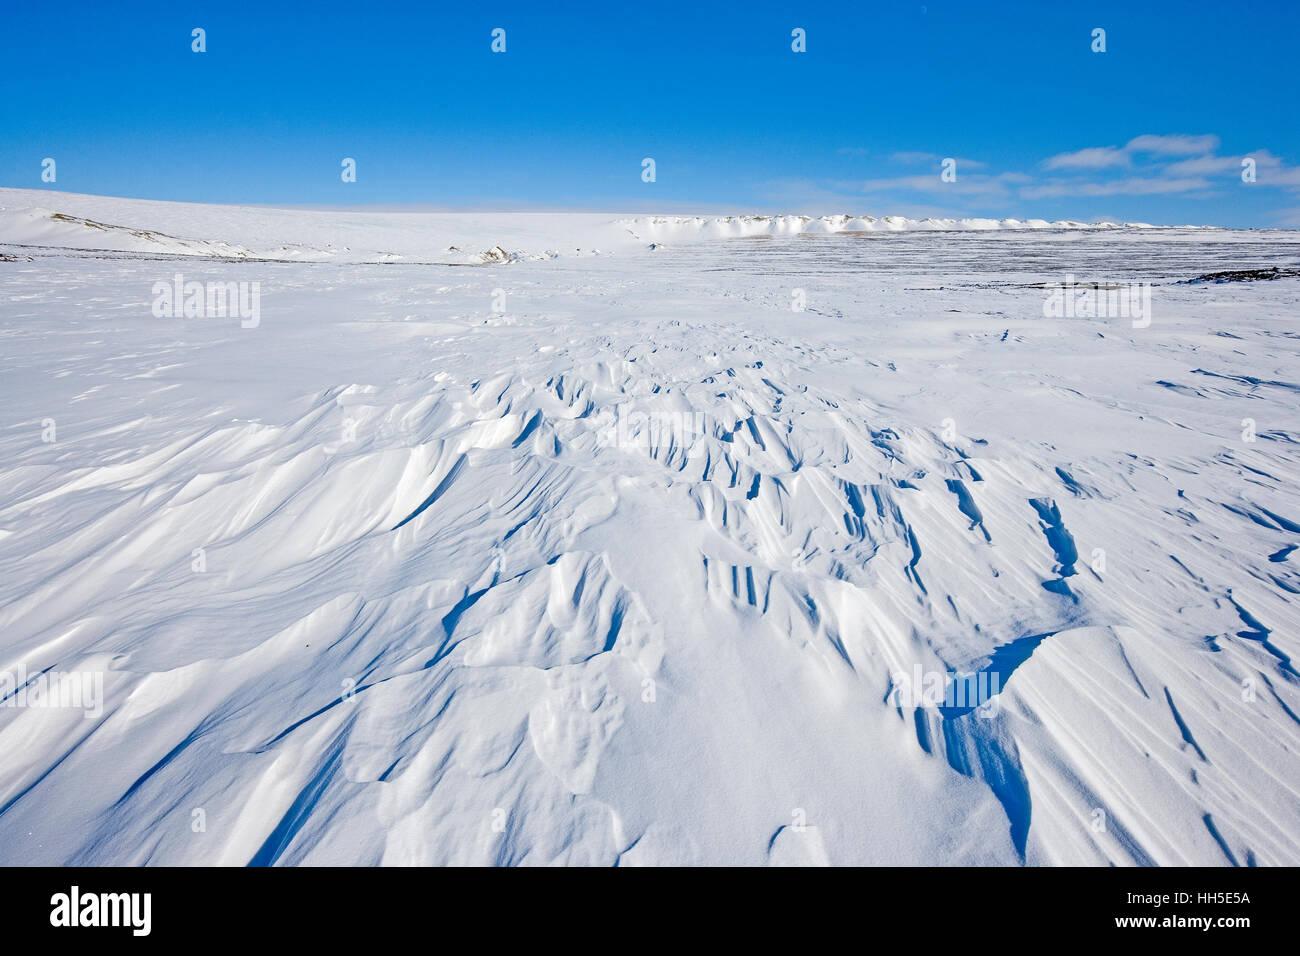 Neige soufflée par le vent avec calotte glaciaire du Groenland dans l'arrière-plan Banque D'Images